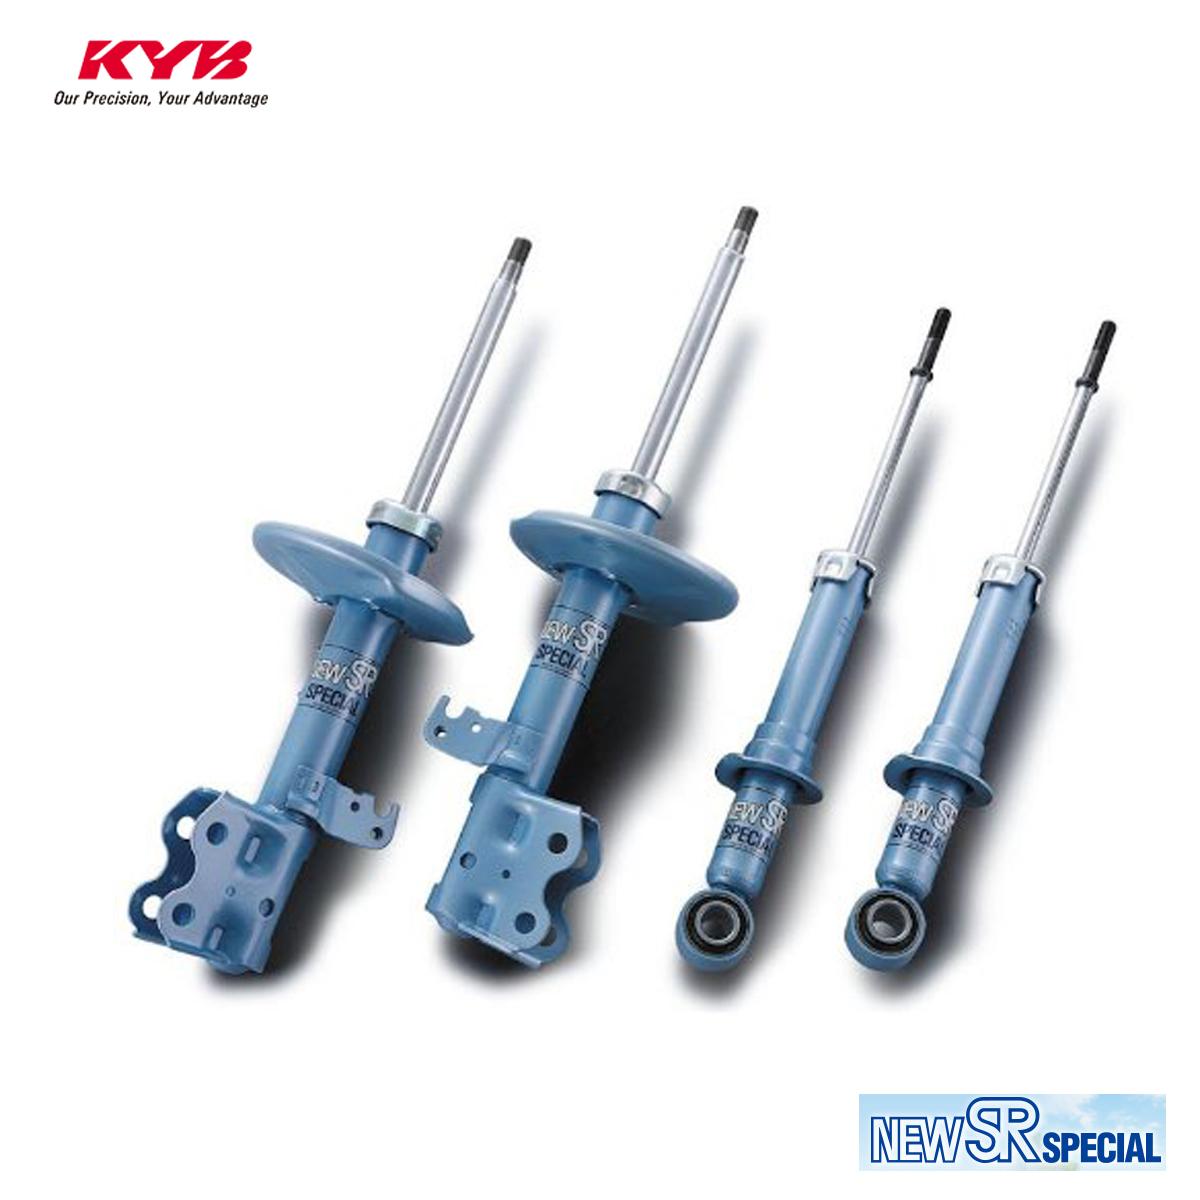 KYB カヤバ ツーリングハイエース KCH40W ショックアブソーバー 1台分 ニュー SRスペシャル セット NEW SR SPECIAL NS-2027X2033